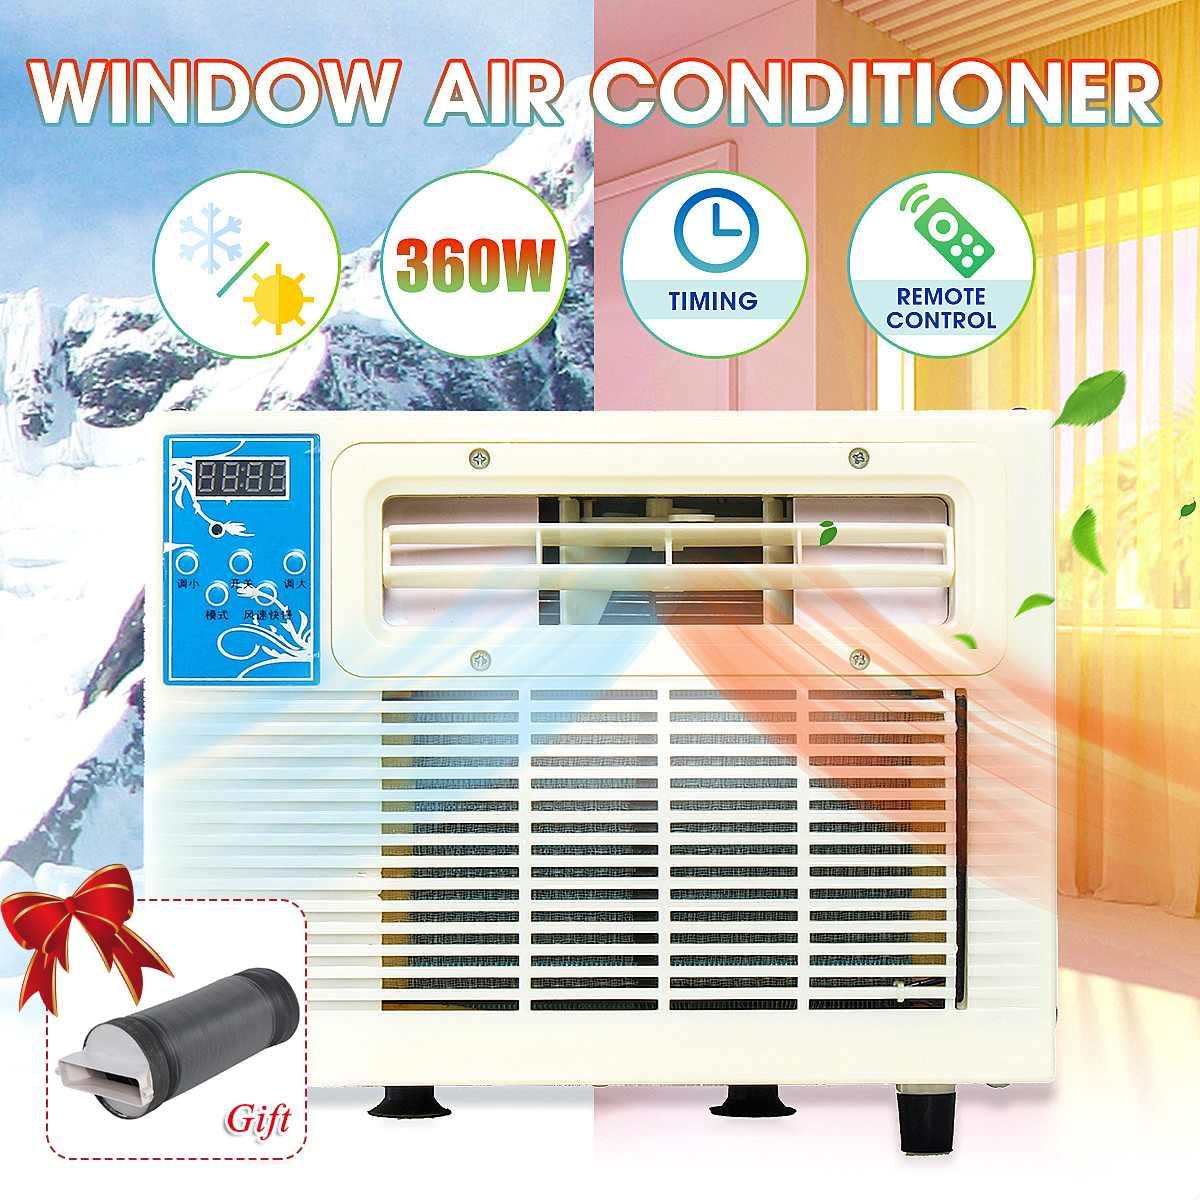 Großgeräte Aufrichtig Neueste 900 W 3072 Btu Tragbare Heizung Klimaanlage Fenster Klimaanlage Kühlung Heizung Kalt/wärme Dual Verwenden Entfeuchtung Gesundheit FöRdern Und Krankheiten Heilen